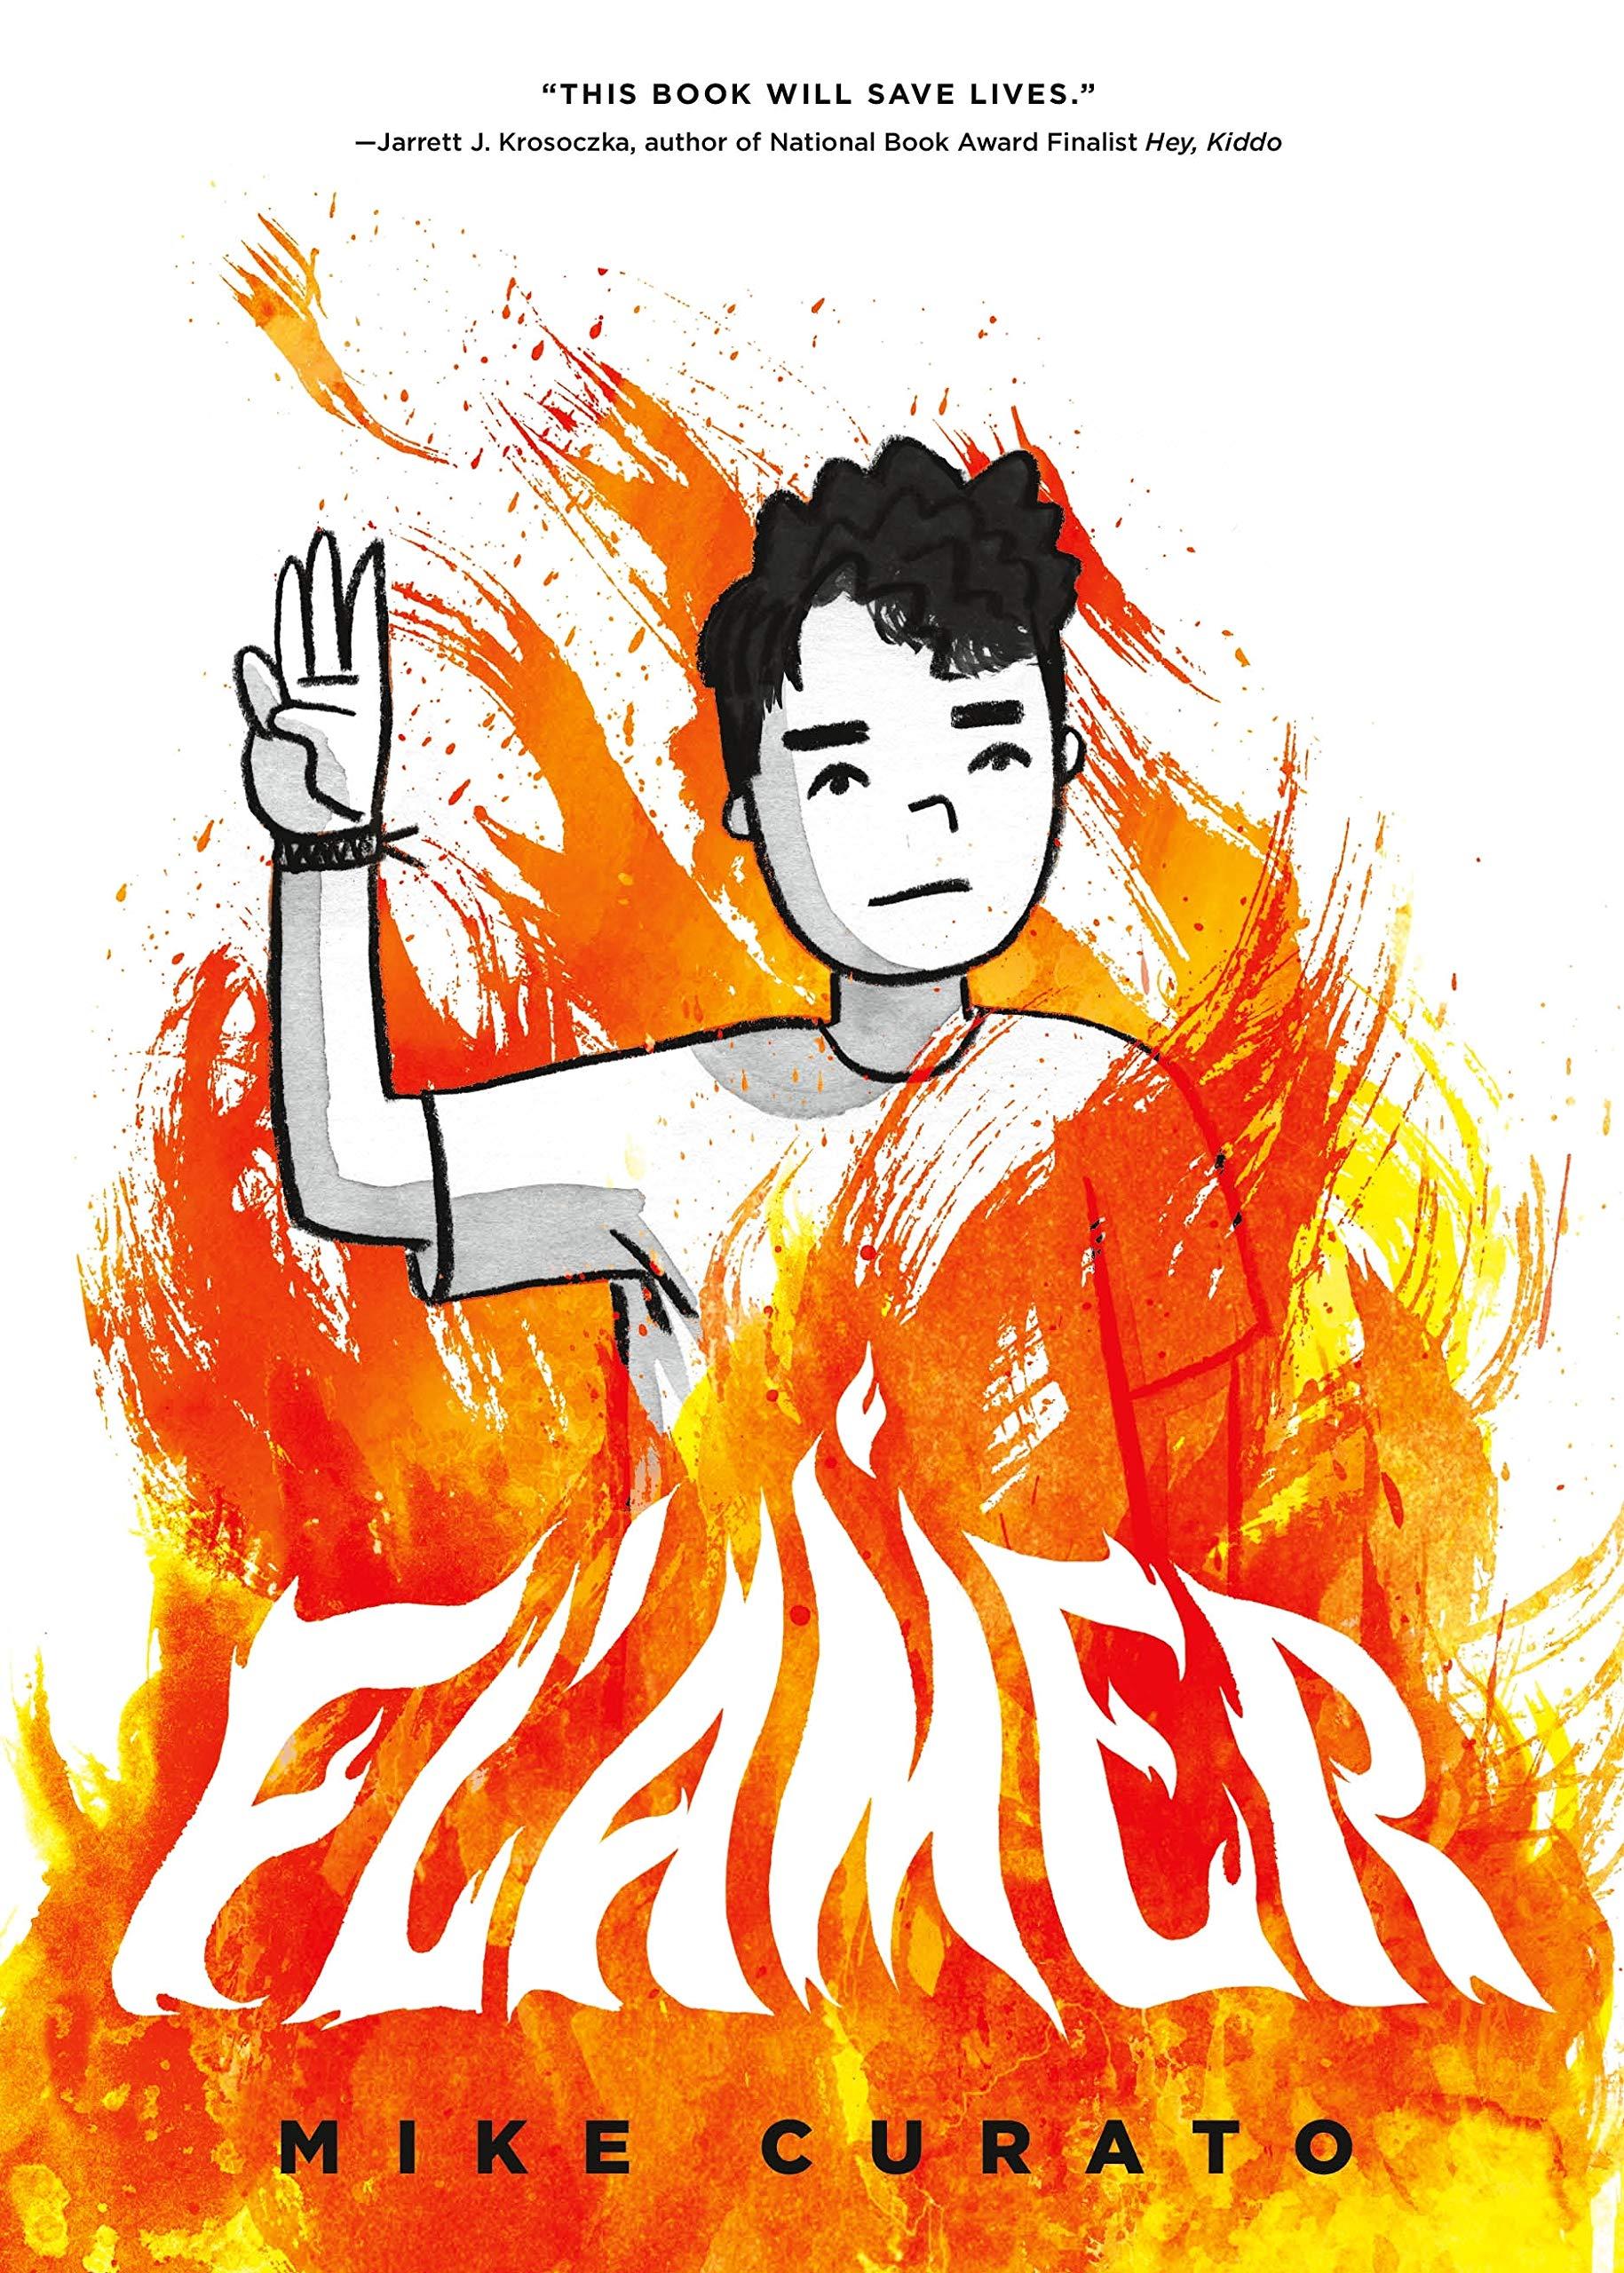 Amazon.com: Flamer (9781627796415): Curato, Mike, Curato, Mike: Books